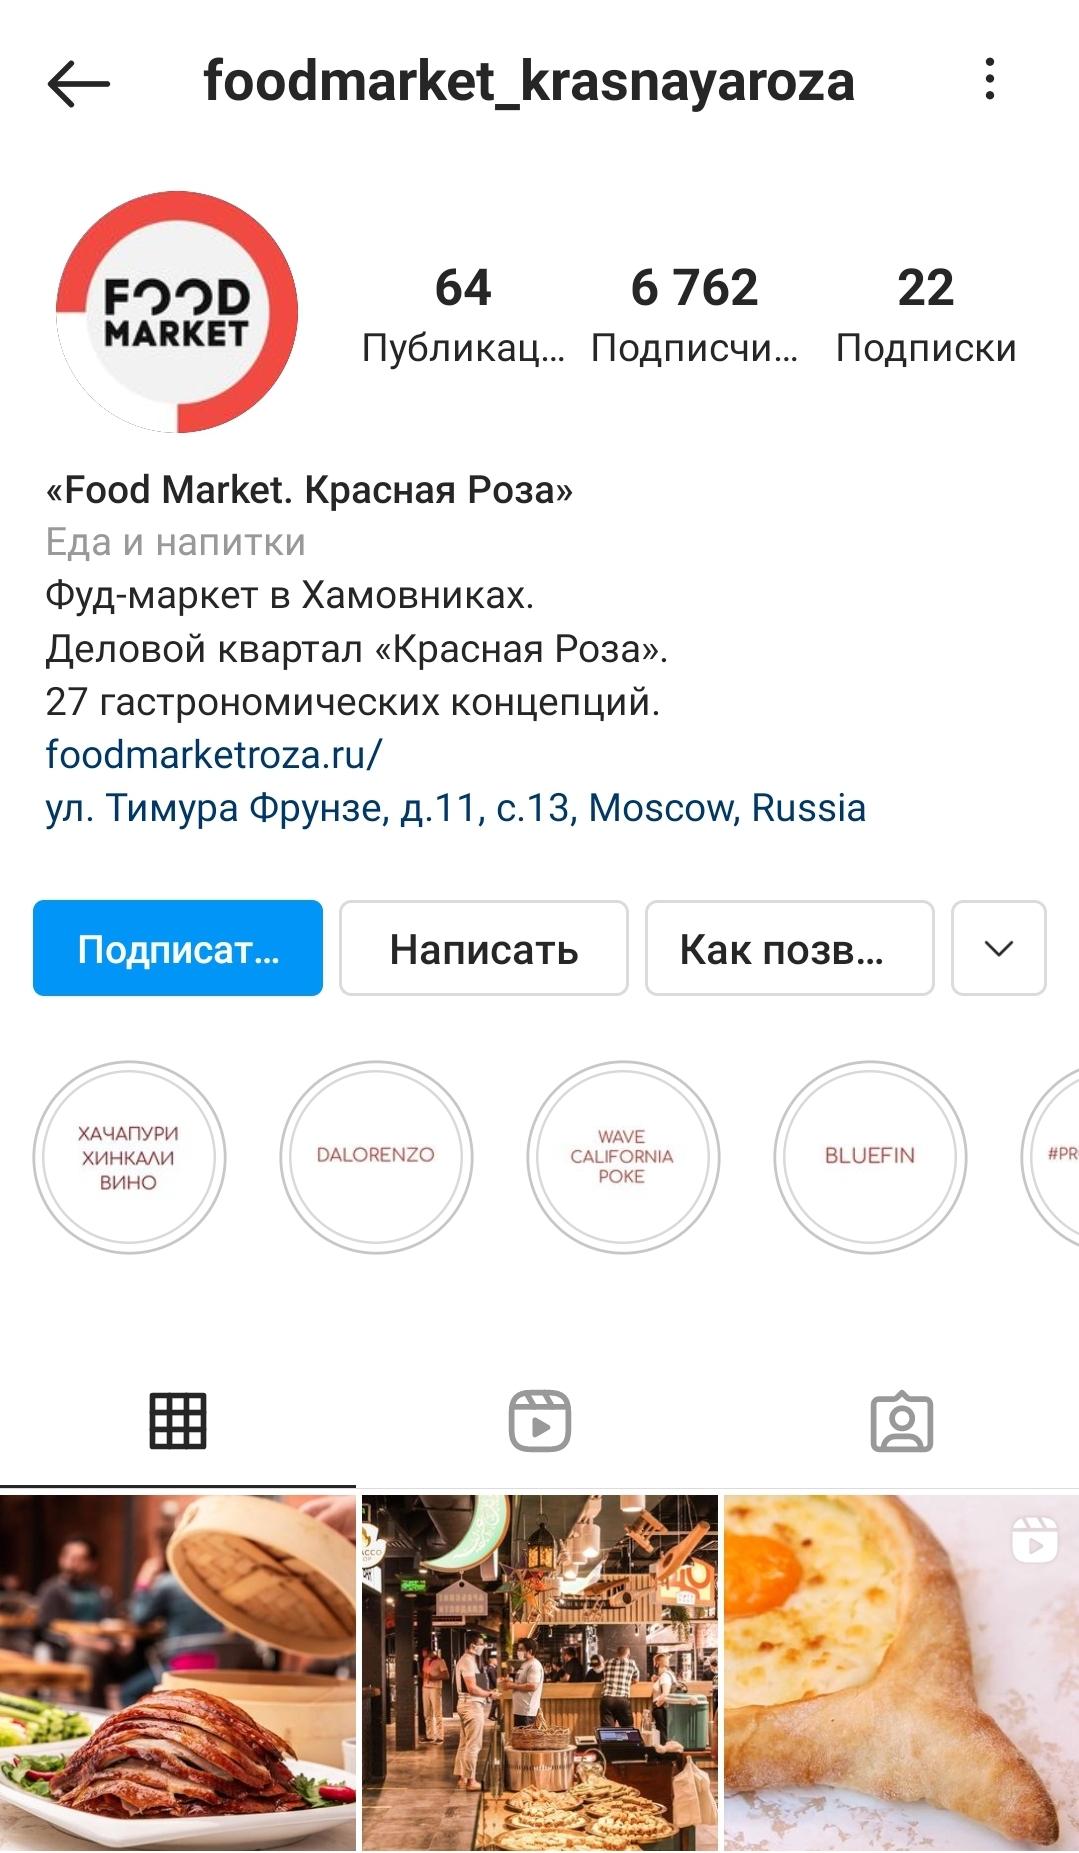 Food Market. Красная Роза - Mayco Agency